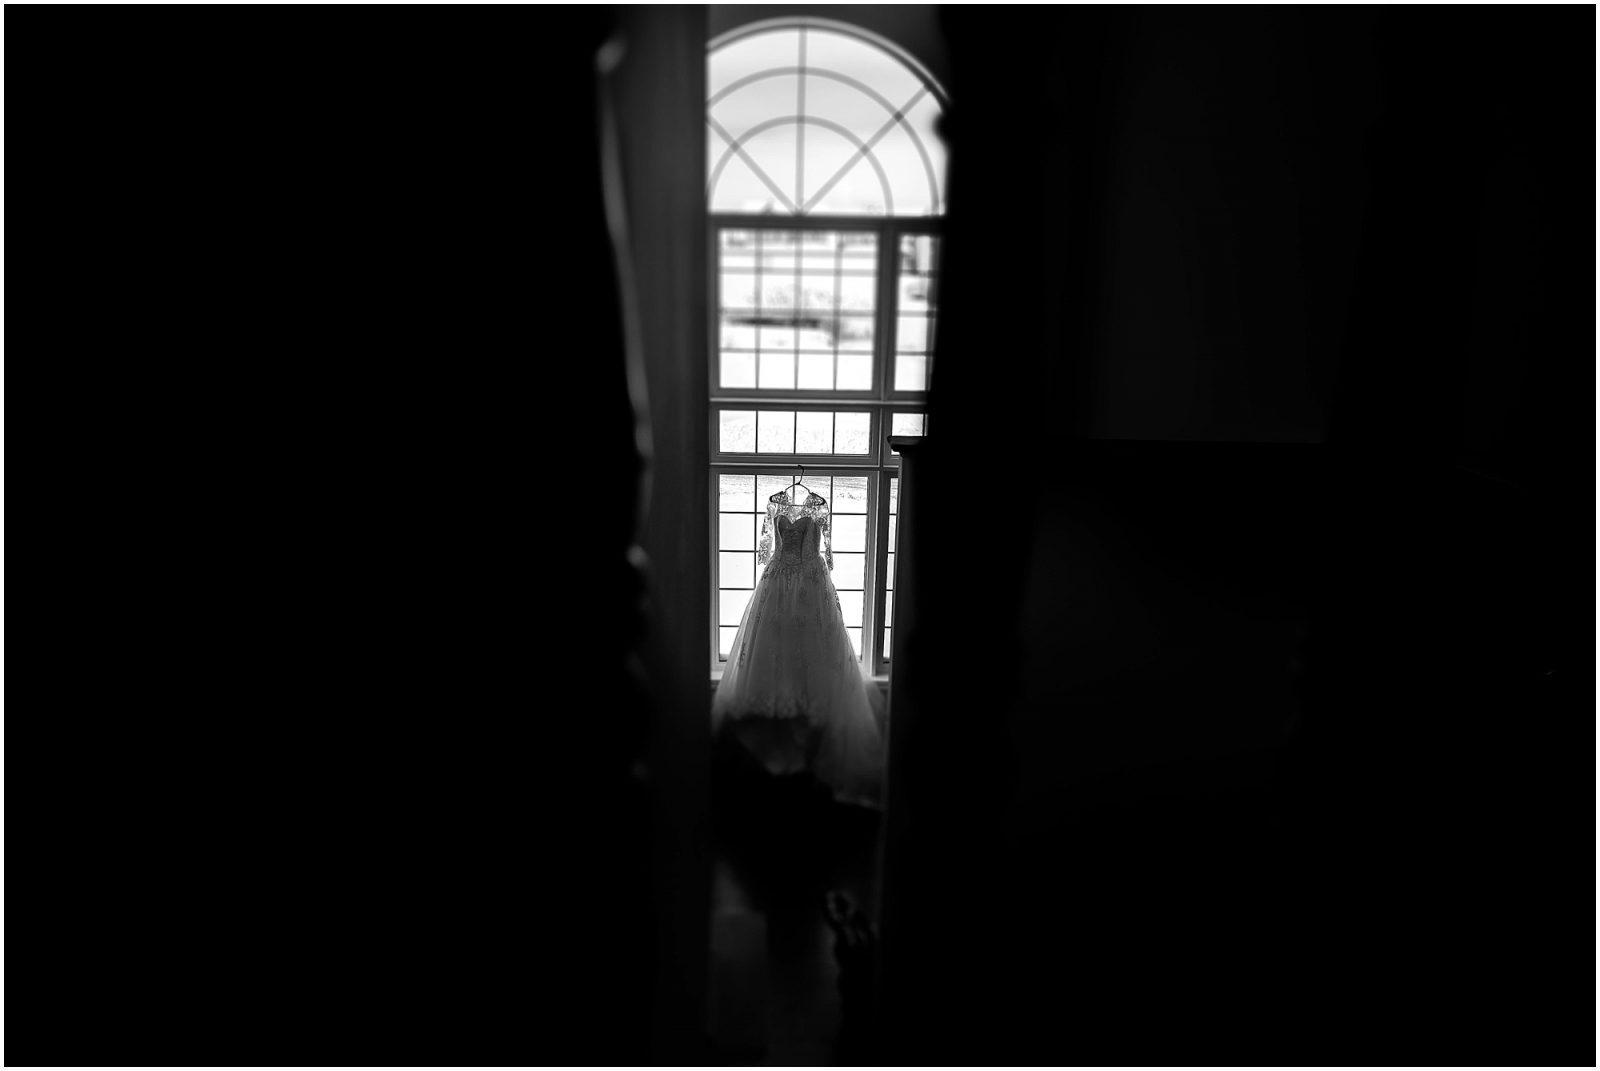 002NourHussein_PinheyForest_Ottawa_Wedding_Photosbyemmah.jpg